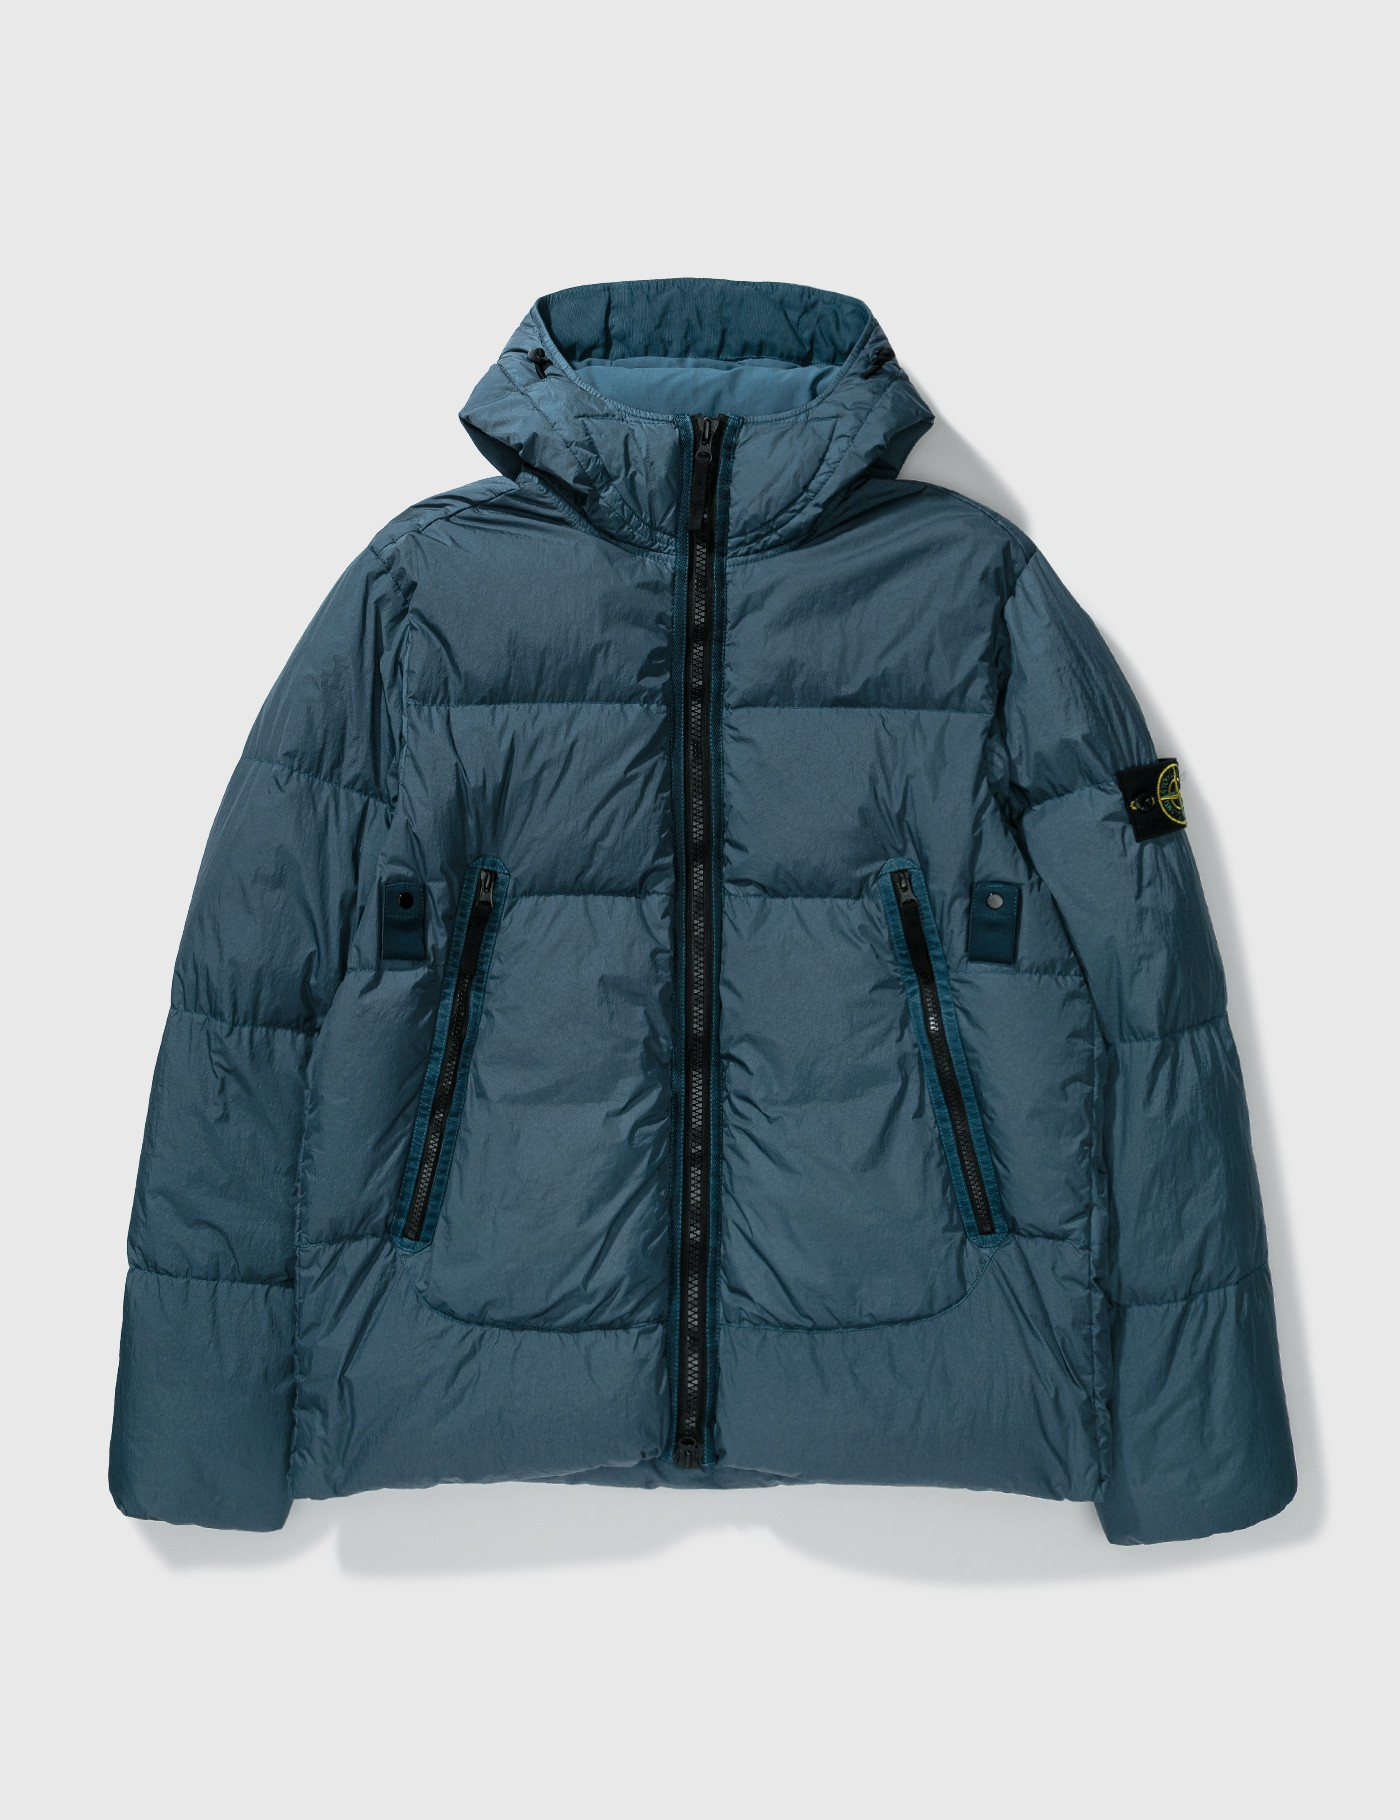 스톤 아일랜드 가먼트 다이 크링클 패딩 자켓 Stone Island Garment Dyed Crinkle Reps Padded Down Jacket